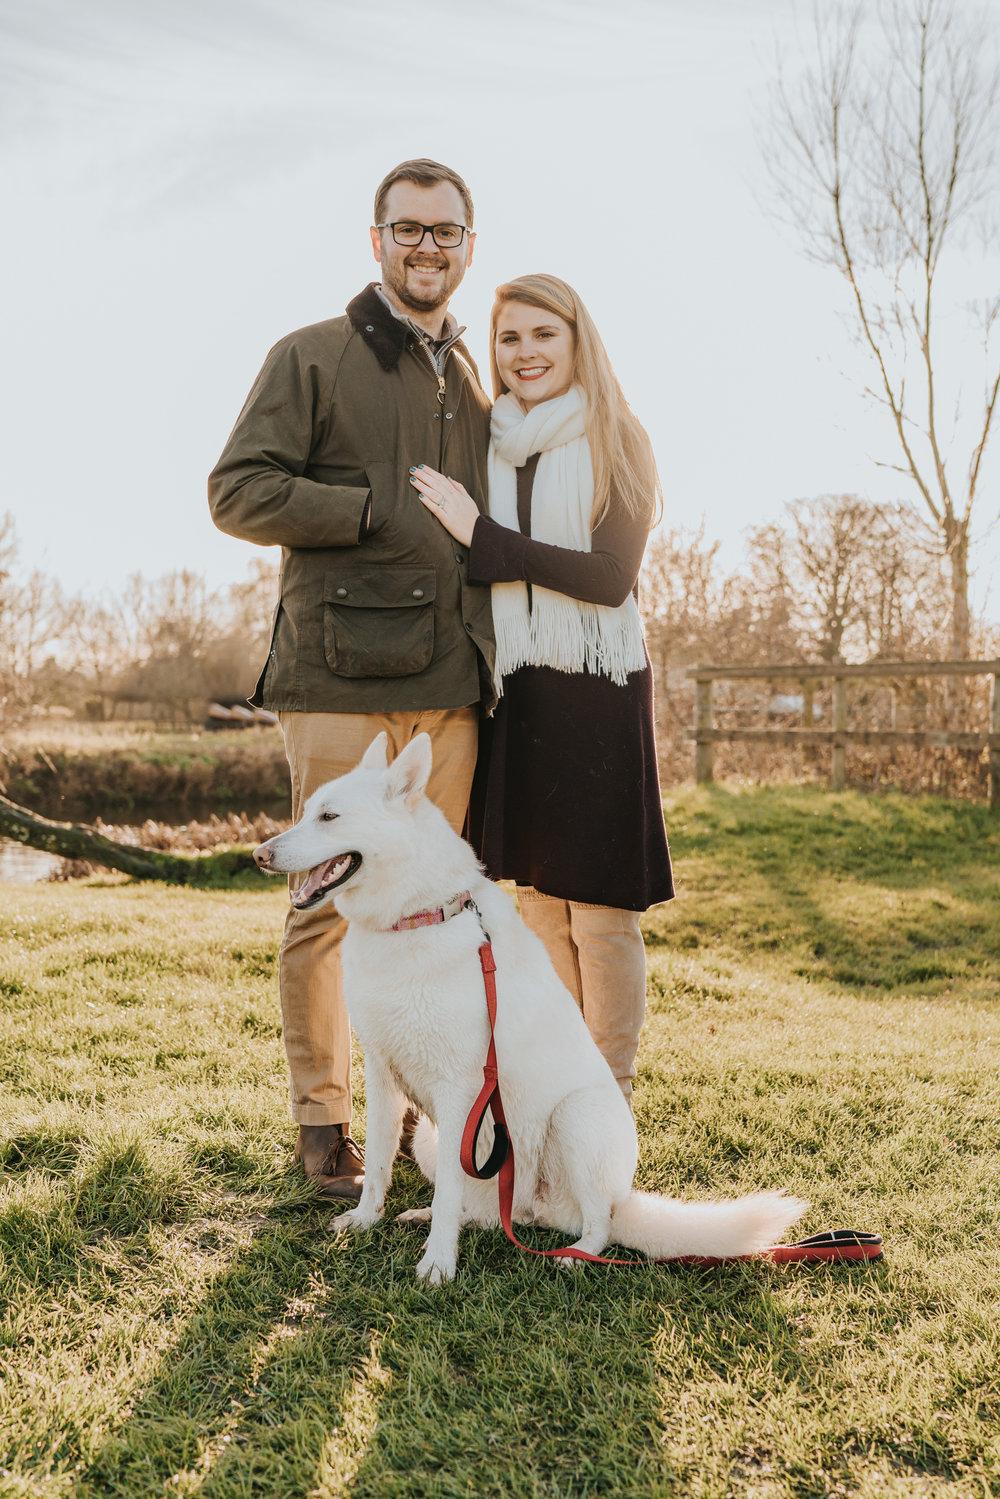 mcpherson-extended-family-session-dedham-grace-elizabeth-colchester-essex-alternative-wedding-lifestyle-photographer-essex-suffolk-norfolk-devon (51 of 57).jpg